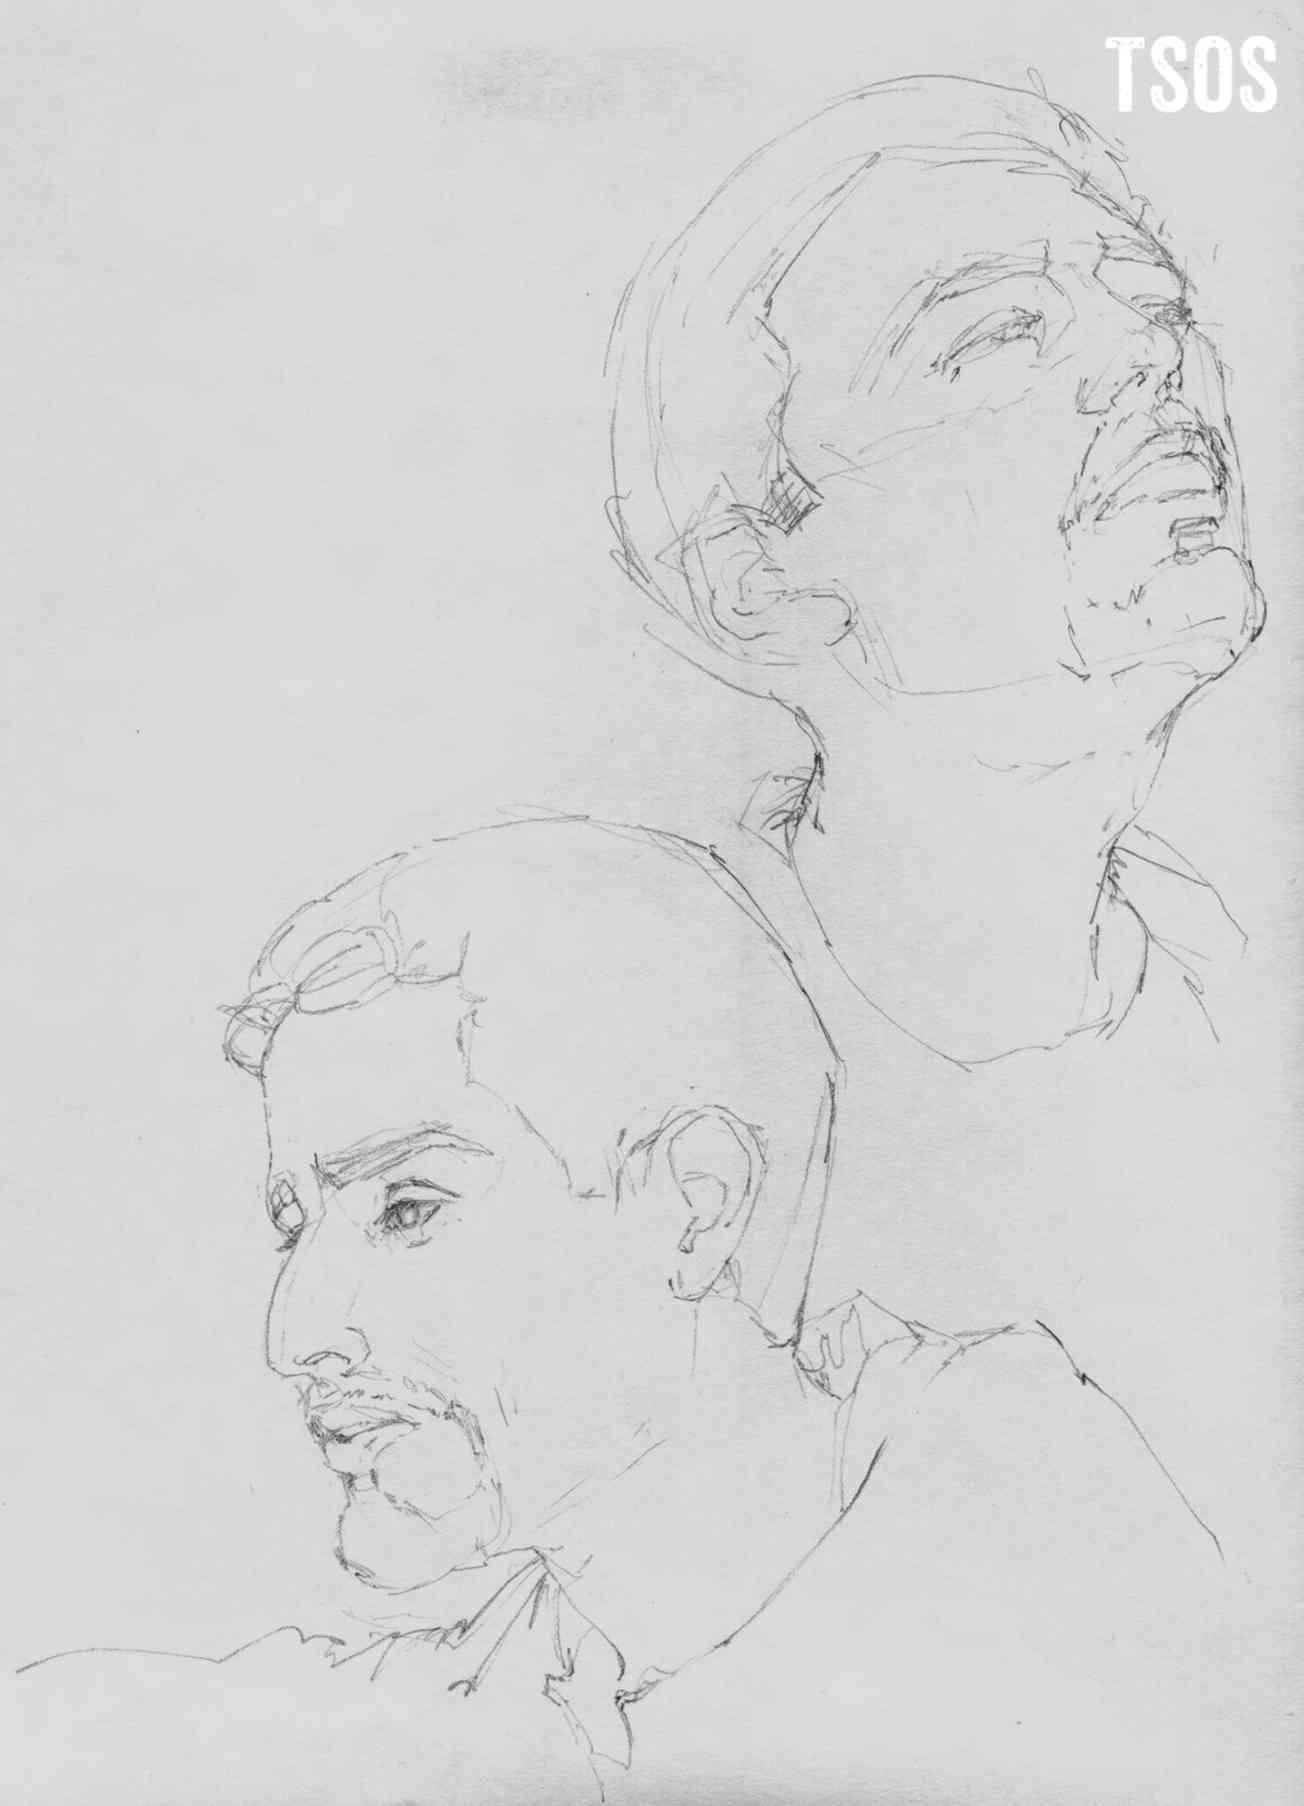 Aeham Sketch 2